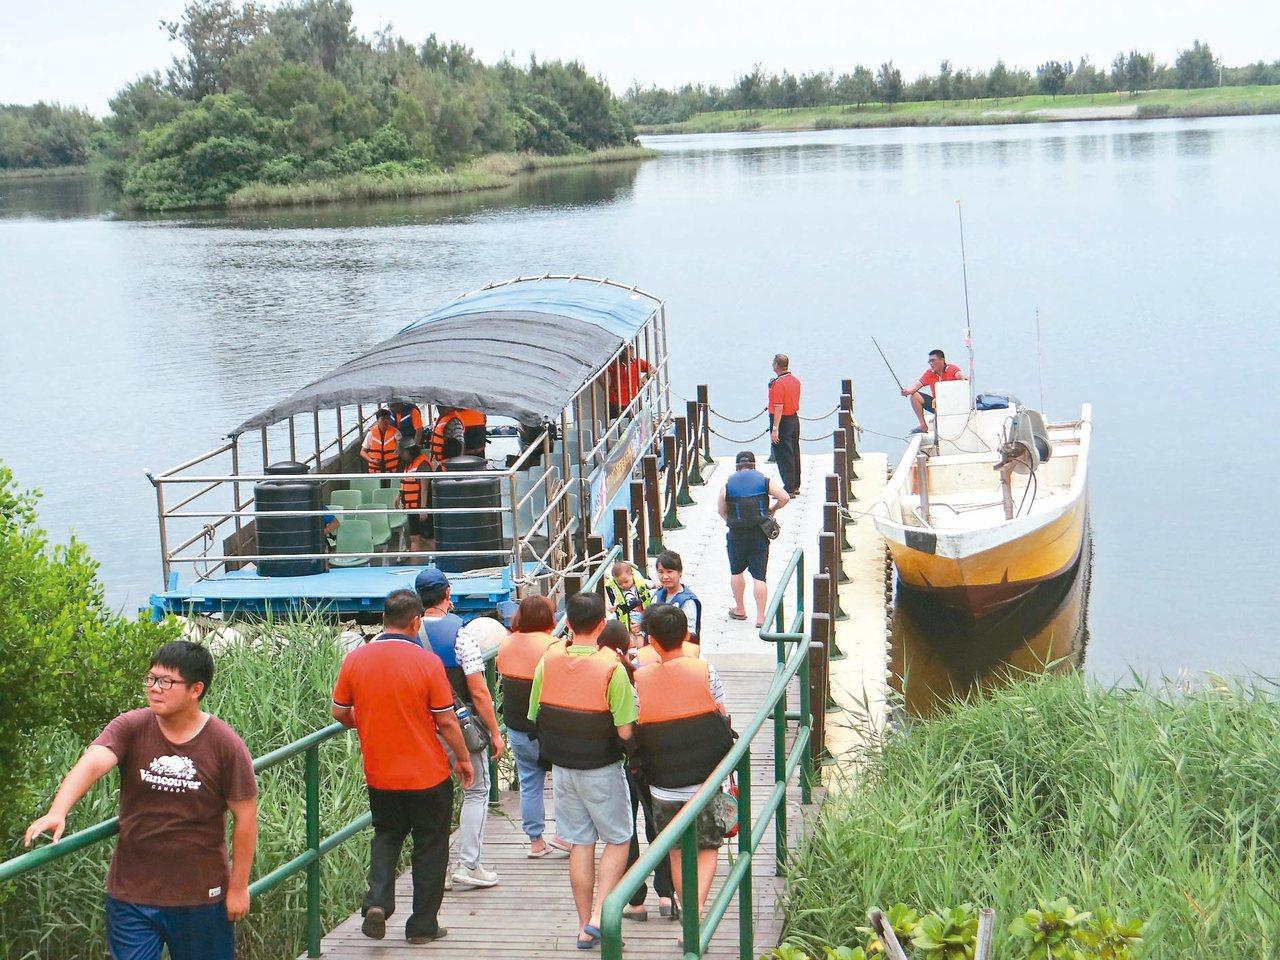 有小日月潭之稱的口湖鄉椬梧滯洪池首度開放搭船遊湖,吸引大批遊客欣賞美麗的湖景。 ...